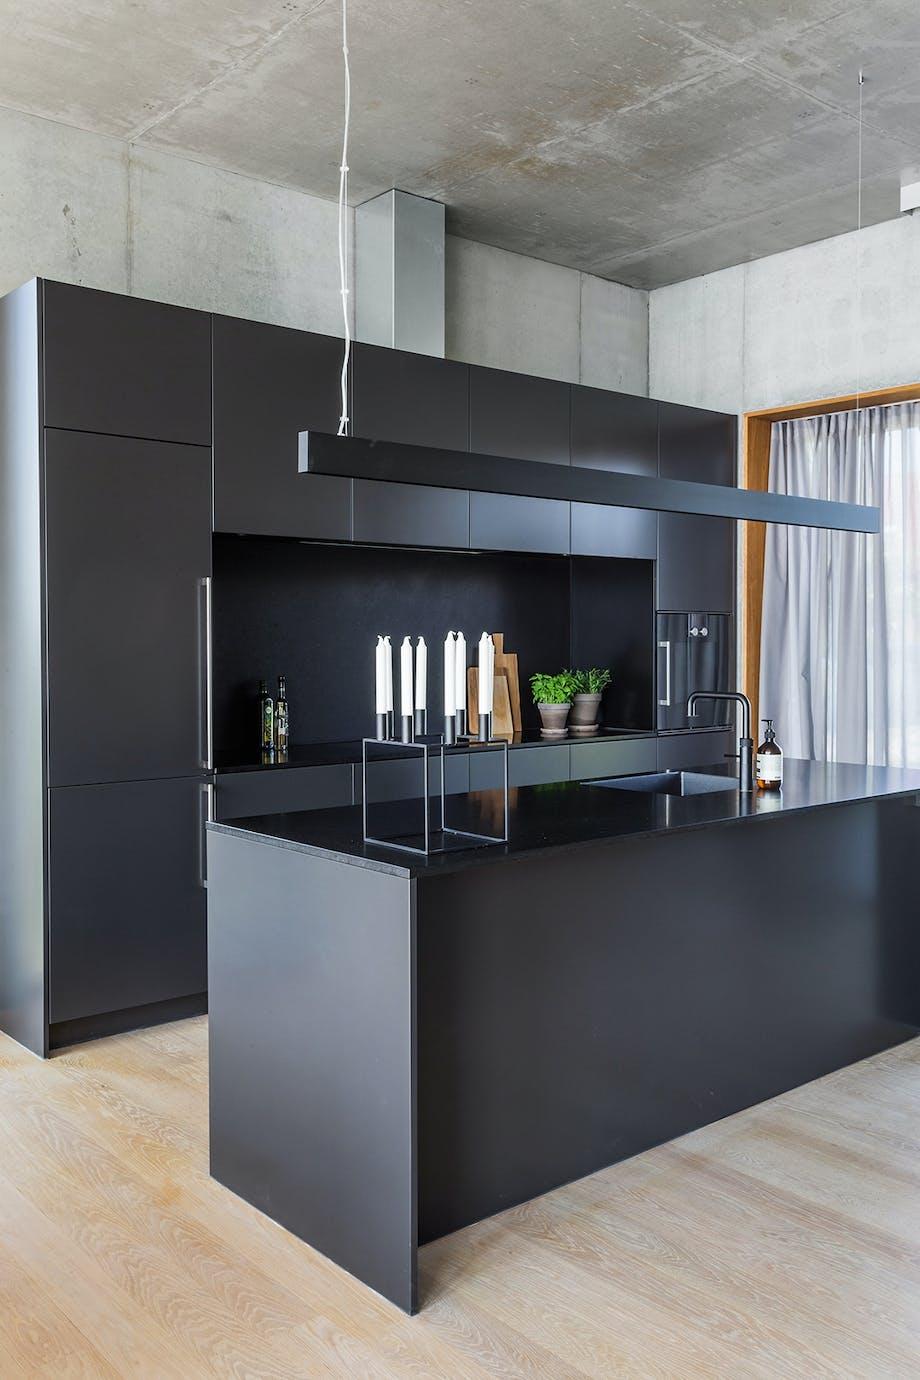 Sort Køkken Multiform betonvægge egetræsgulv